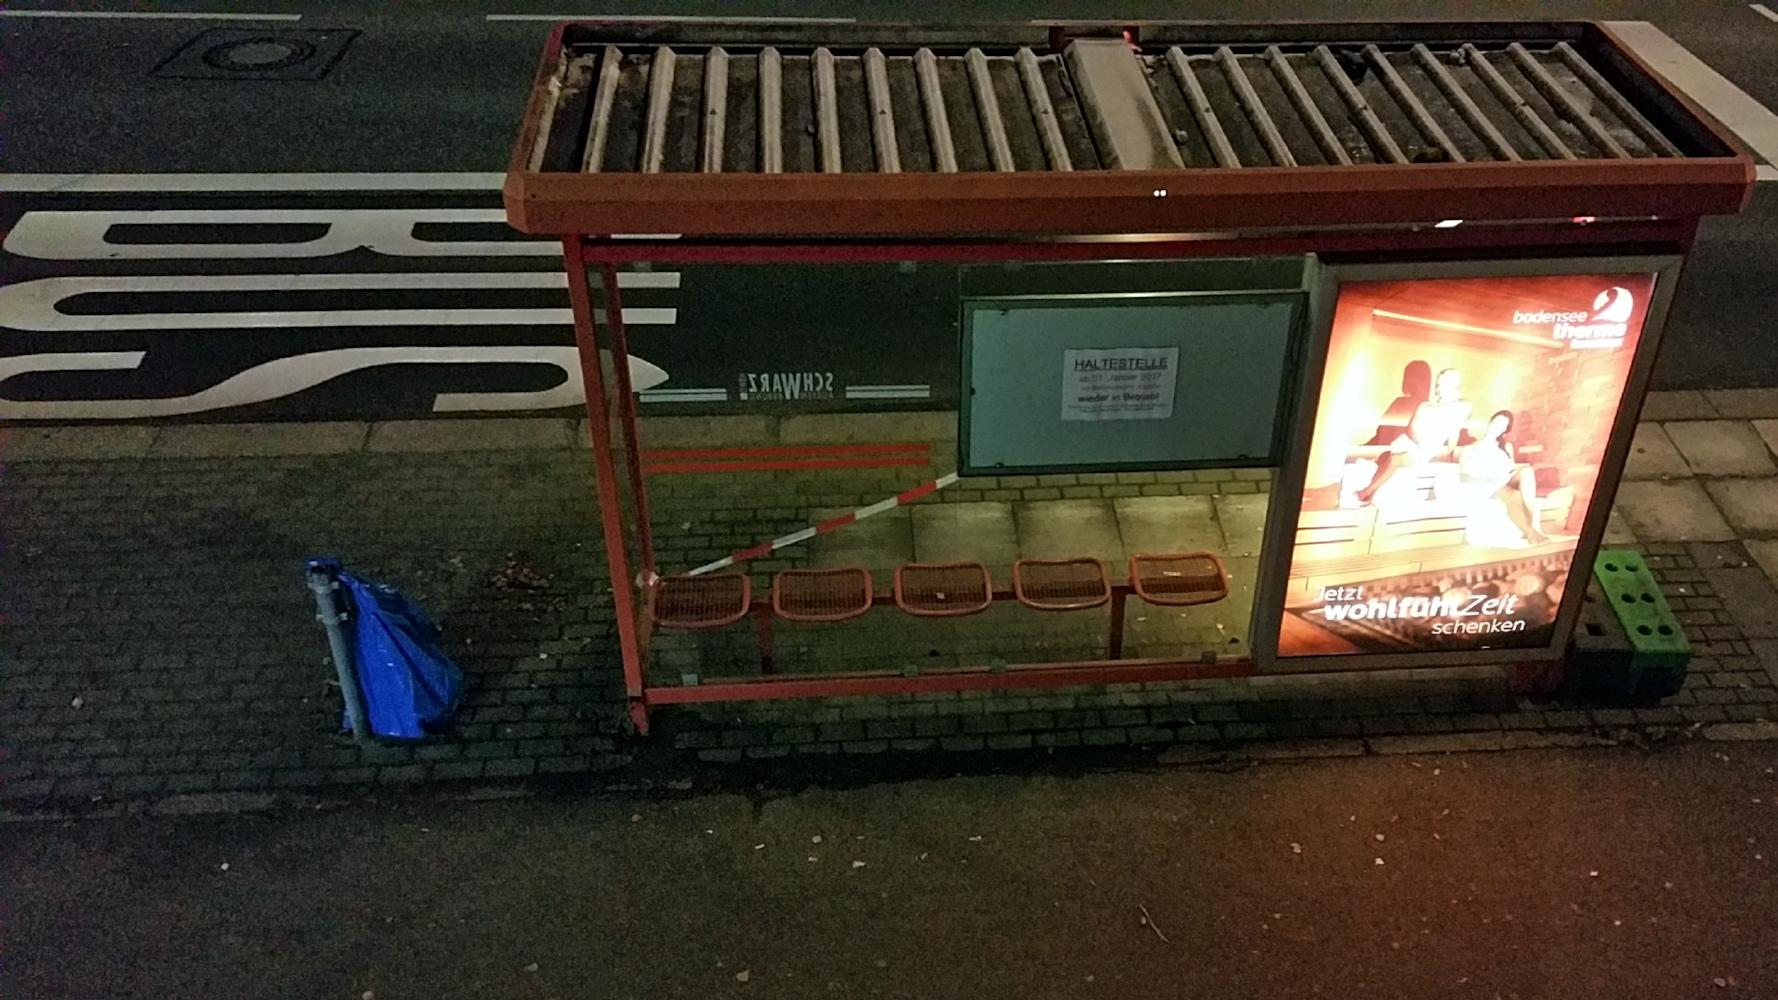 Bushaltestelle Bismarcksteig Konstanz, zurück zum alten Standort - miradlo Versanddepot